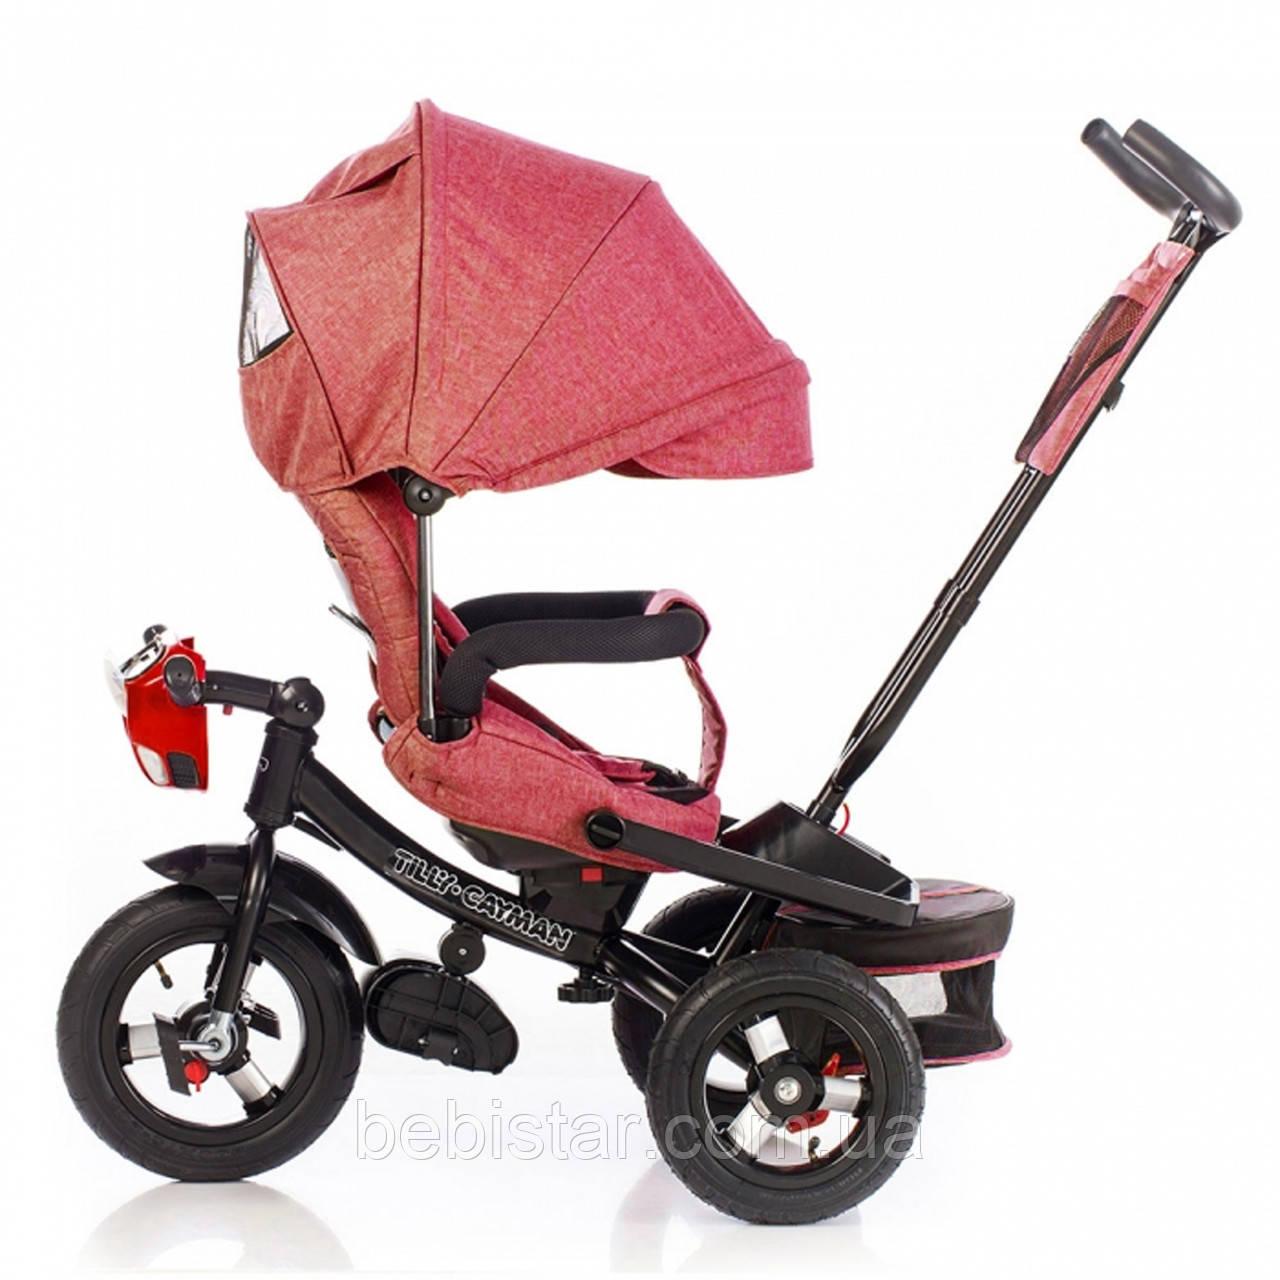 Трехколесный велосипед TILLY CAYMAN красный лен усиленная рама поворот сидения надувные колеса музыка и свет